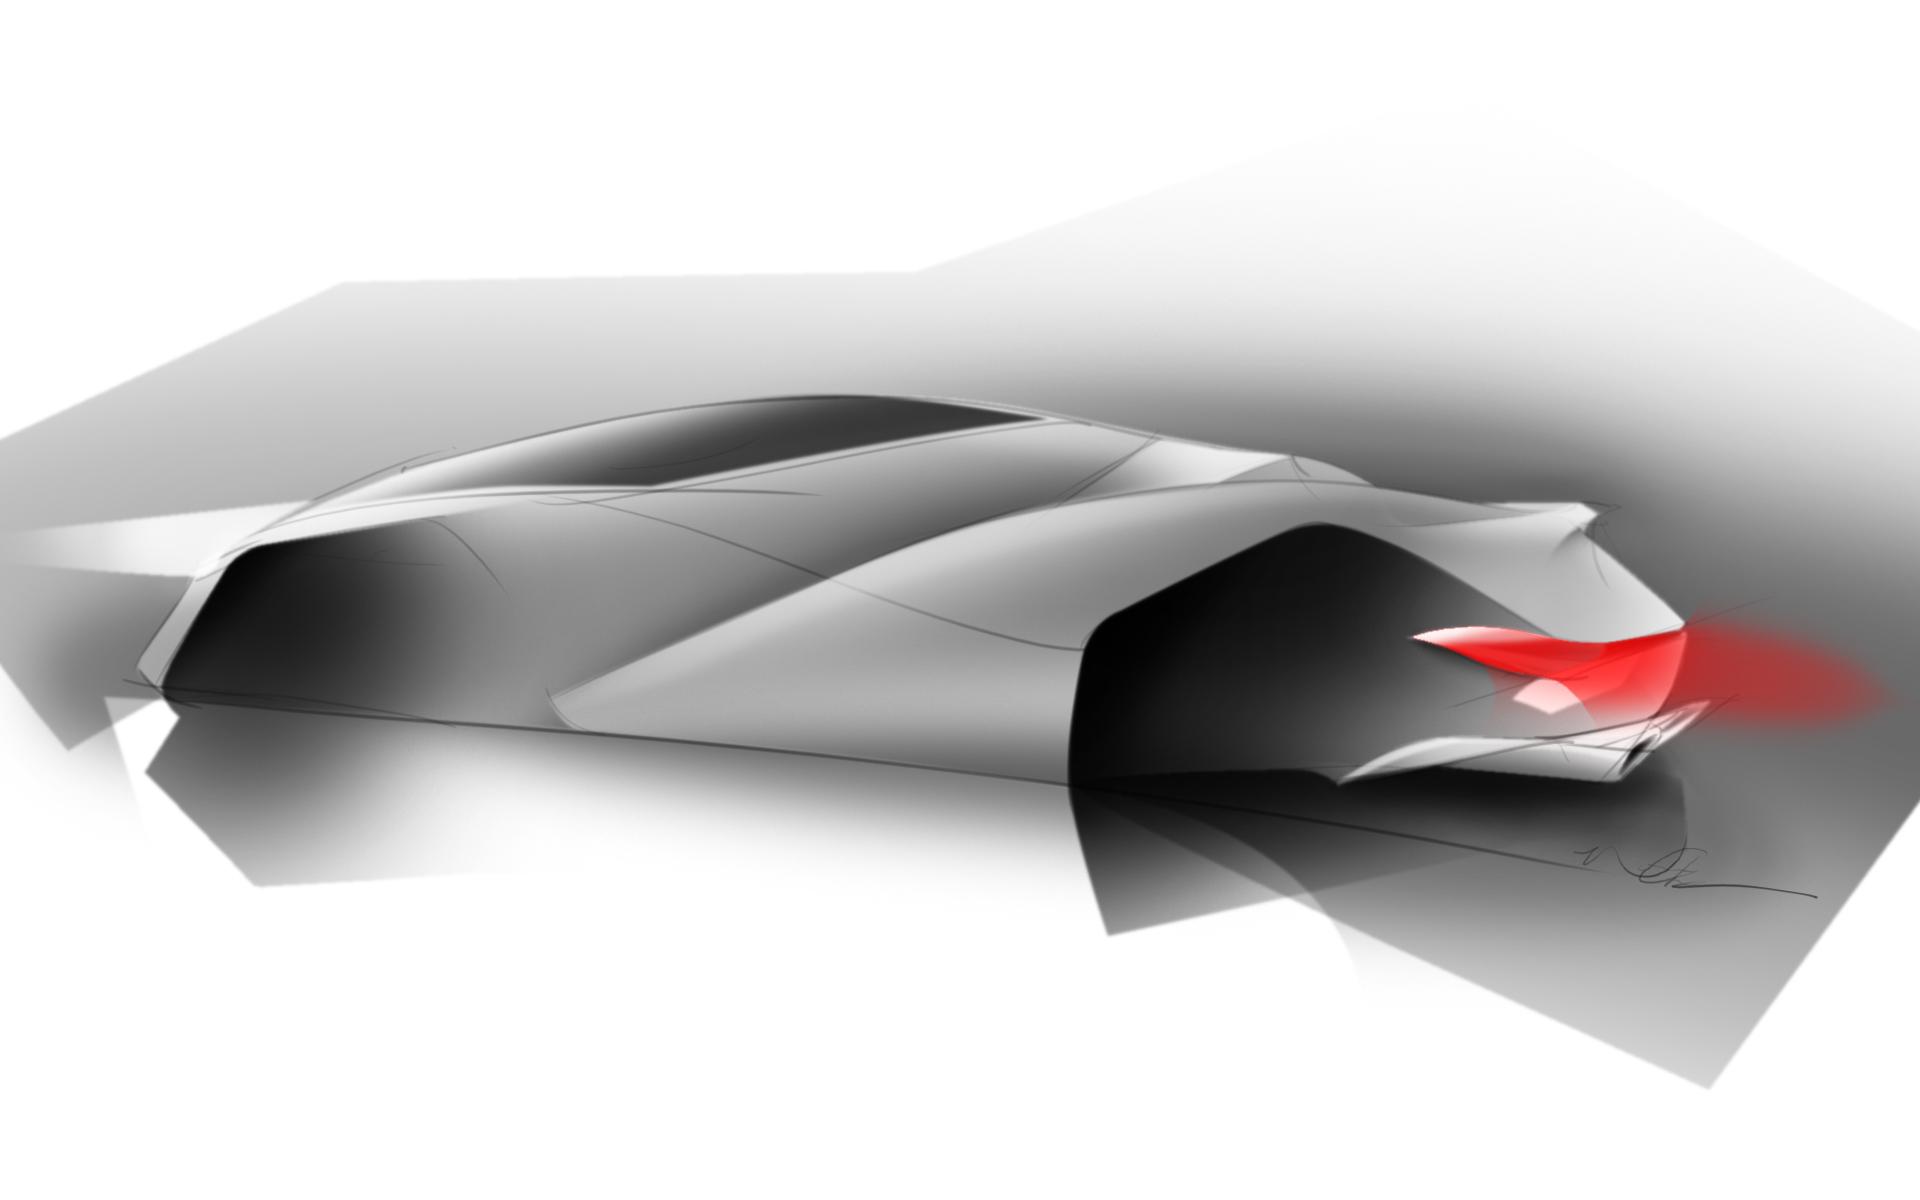 CarDesign_1.jpg